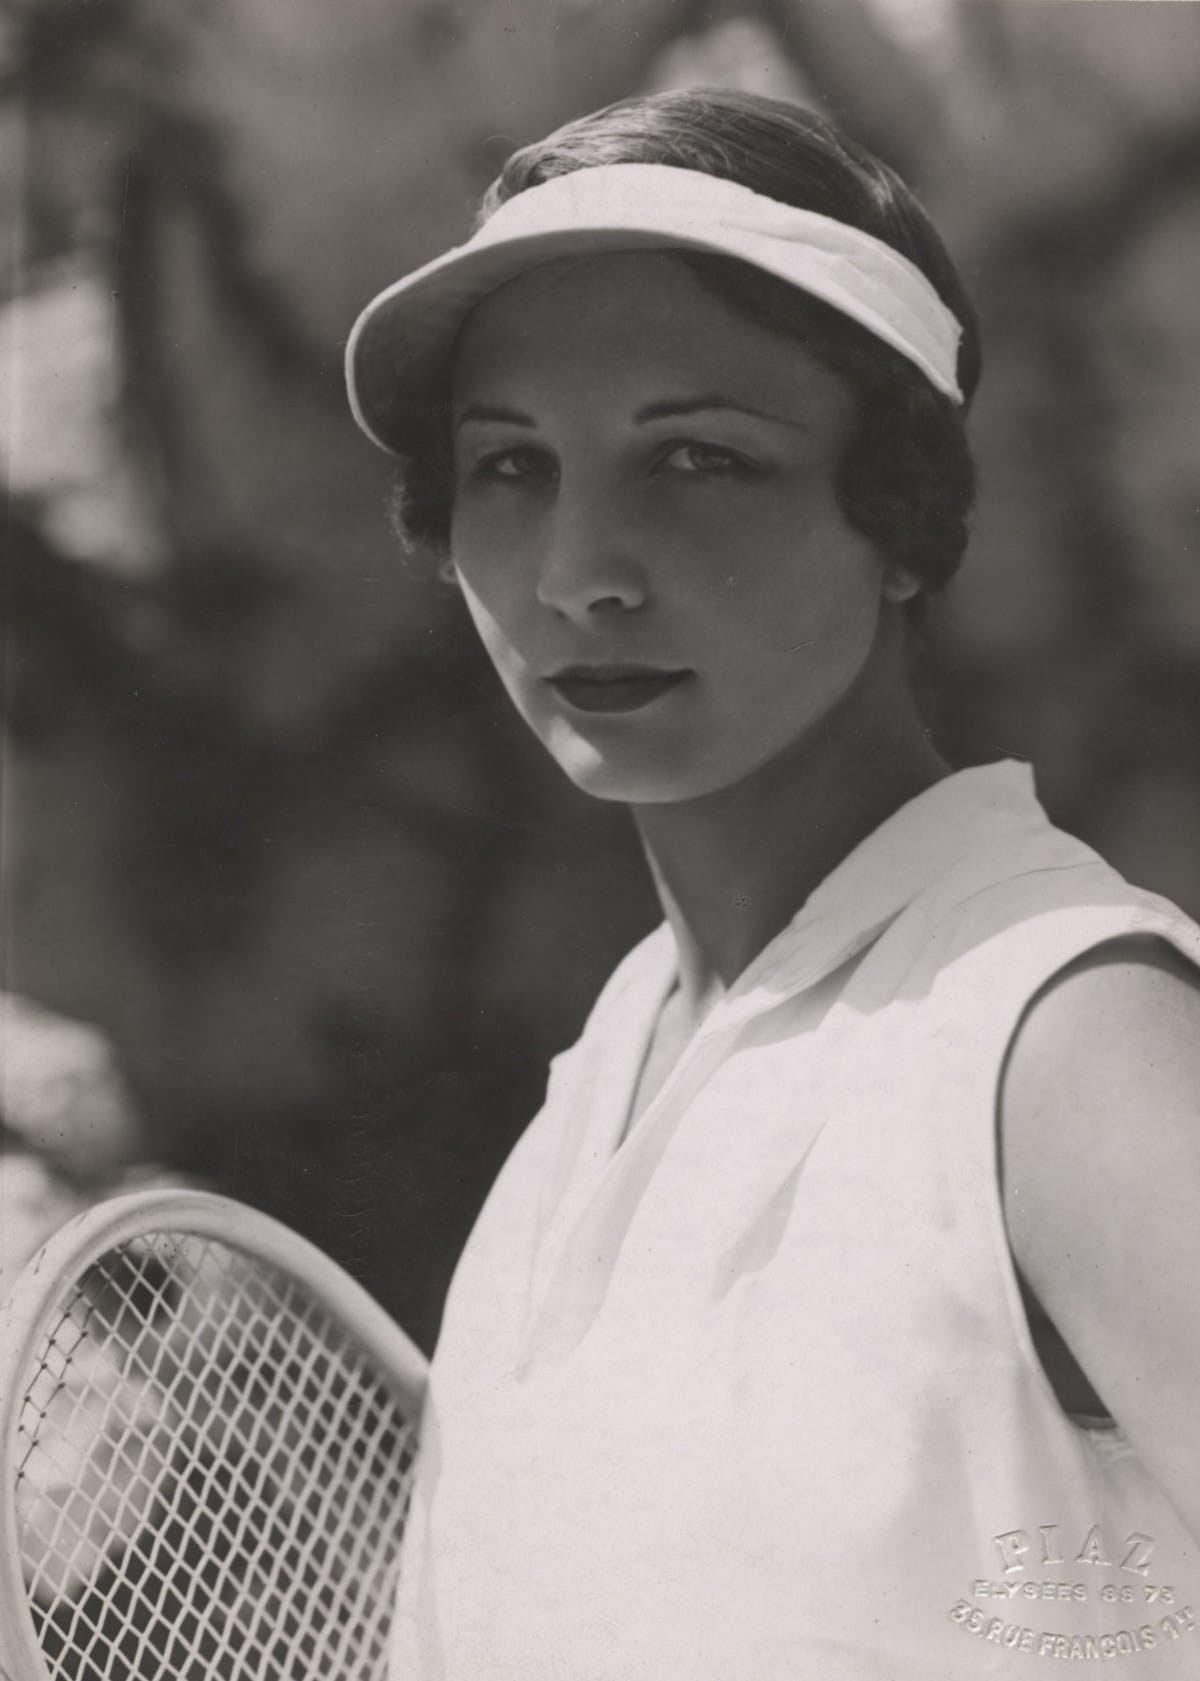 Helen Wills Moody.